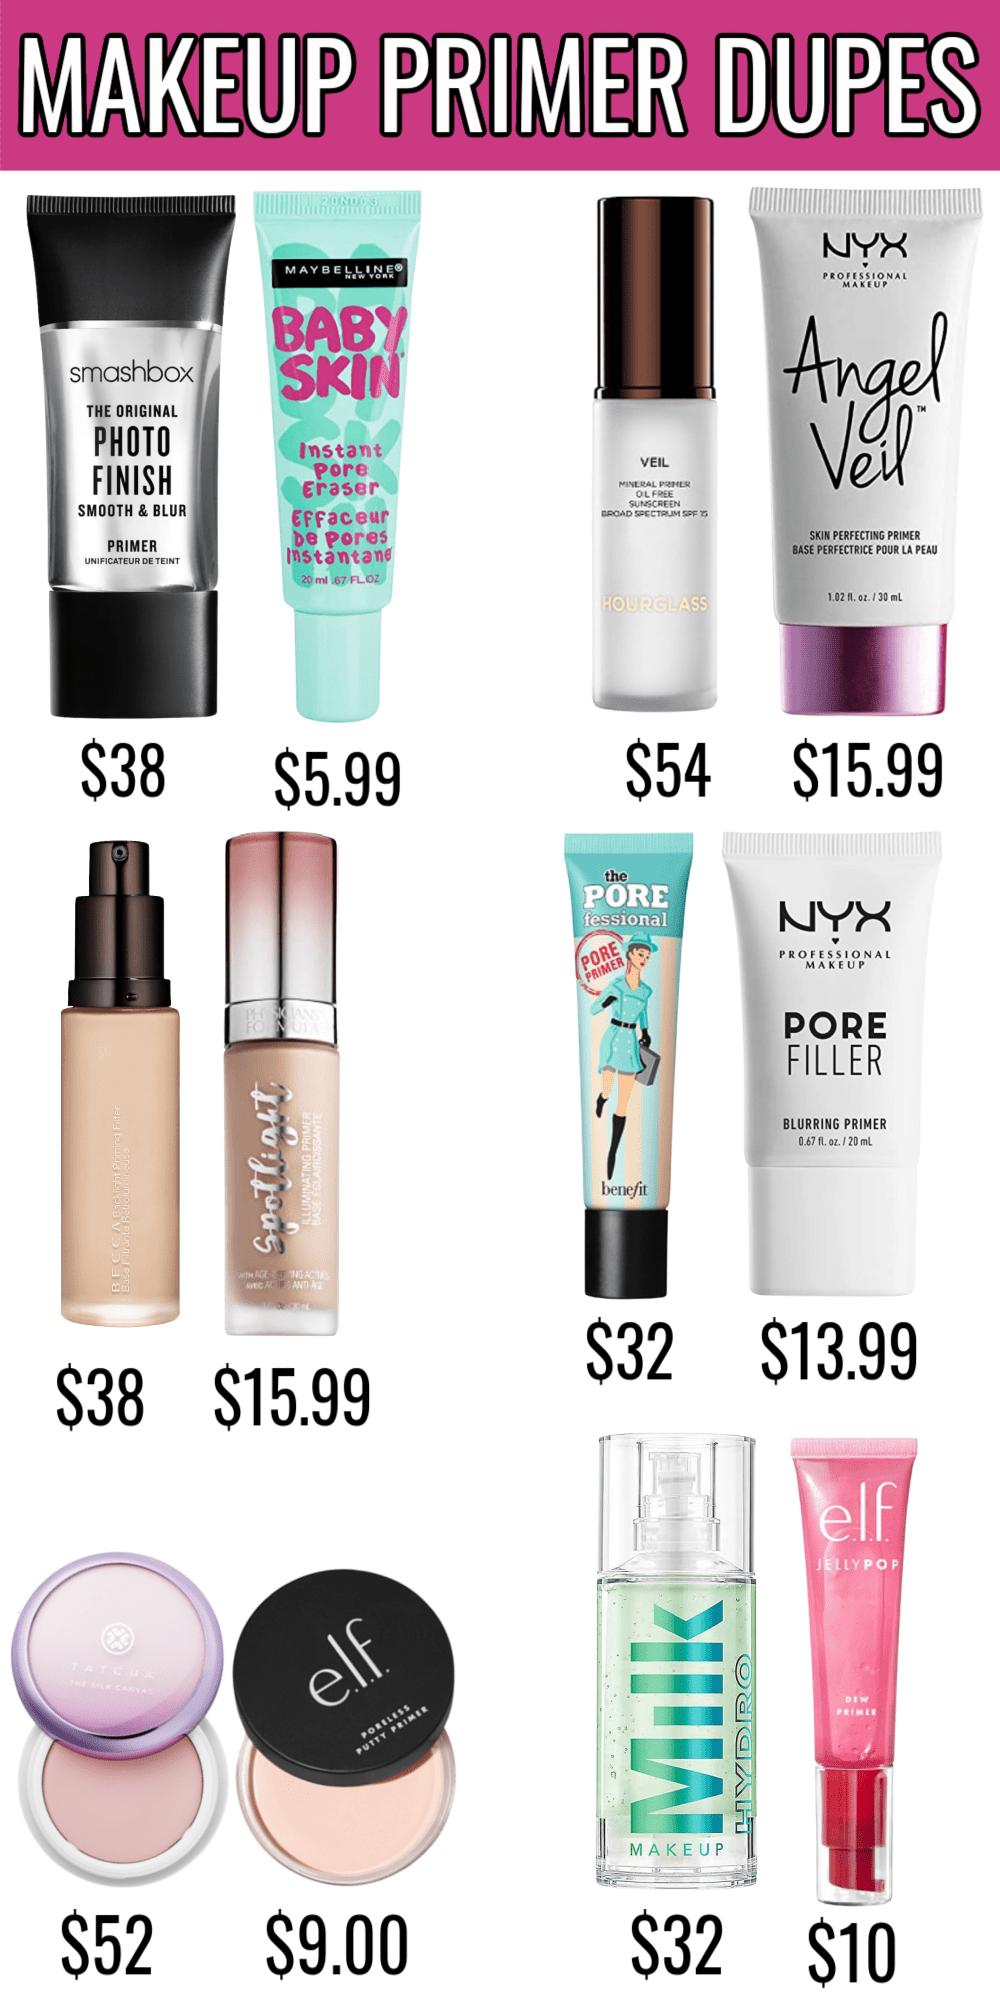 Makeup Primer Dupes - Amazing drugstore dupes for high end makeup primers!